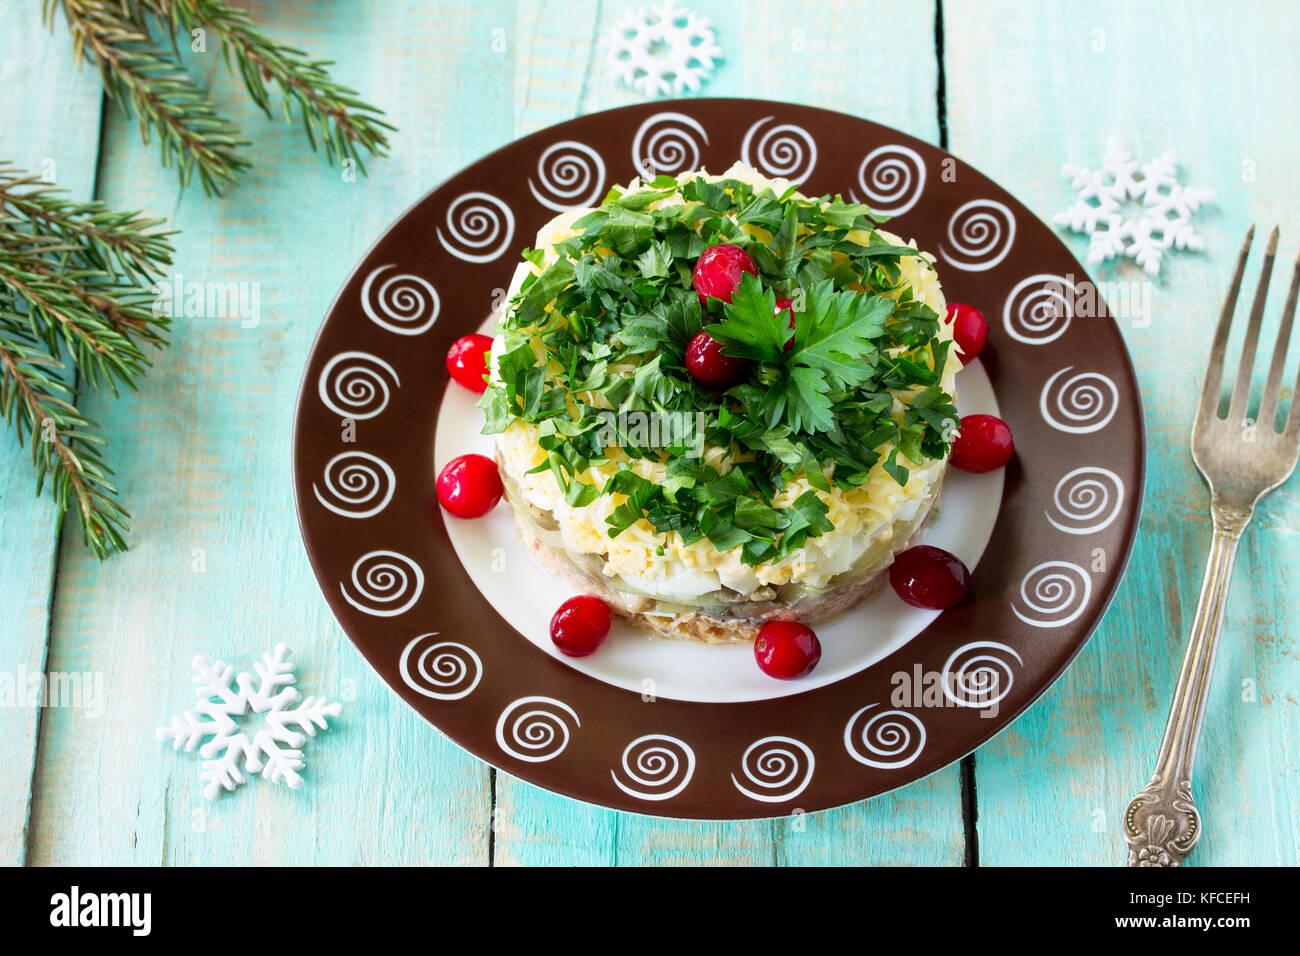 Hausgemachte Snacks auf ein festliches Weihnachten Tabelle. Fisch Salat mit Pilzen, Lachs, Preiselbeeren und Käse. Stockbild